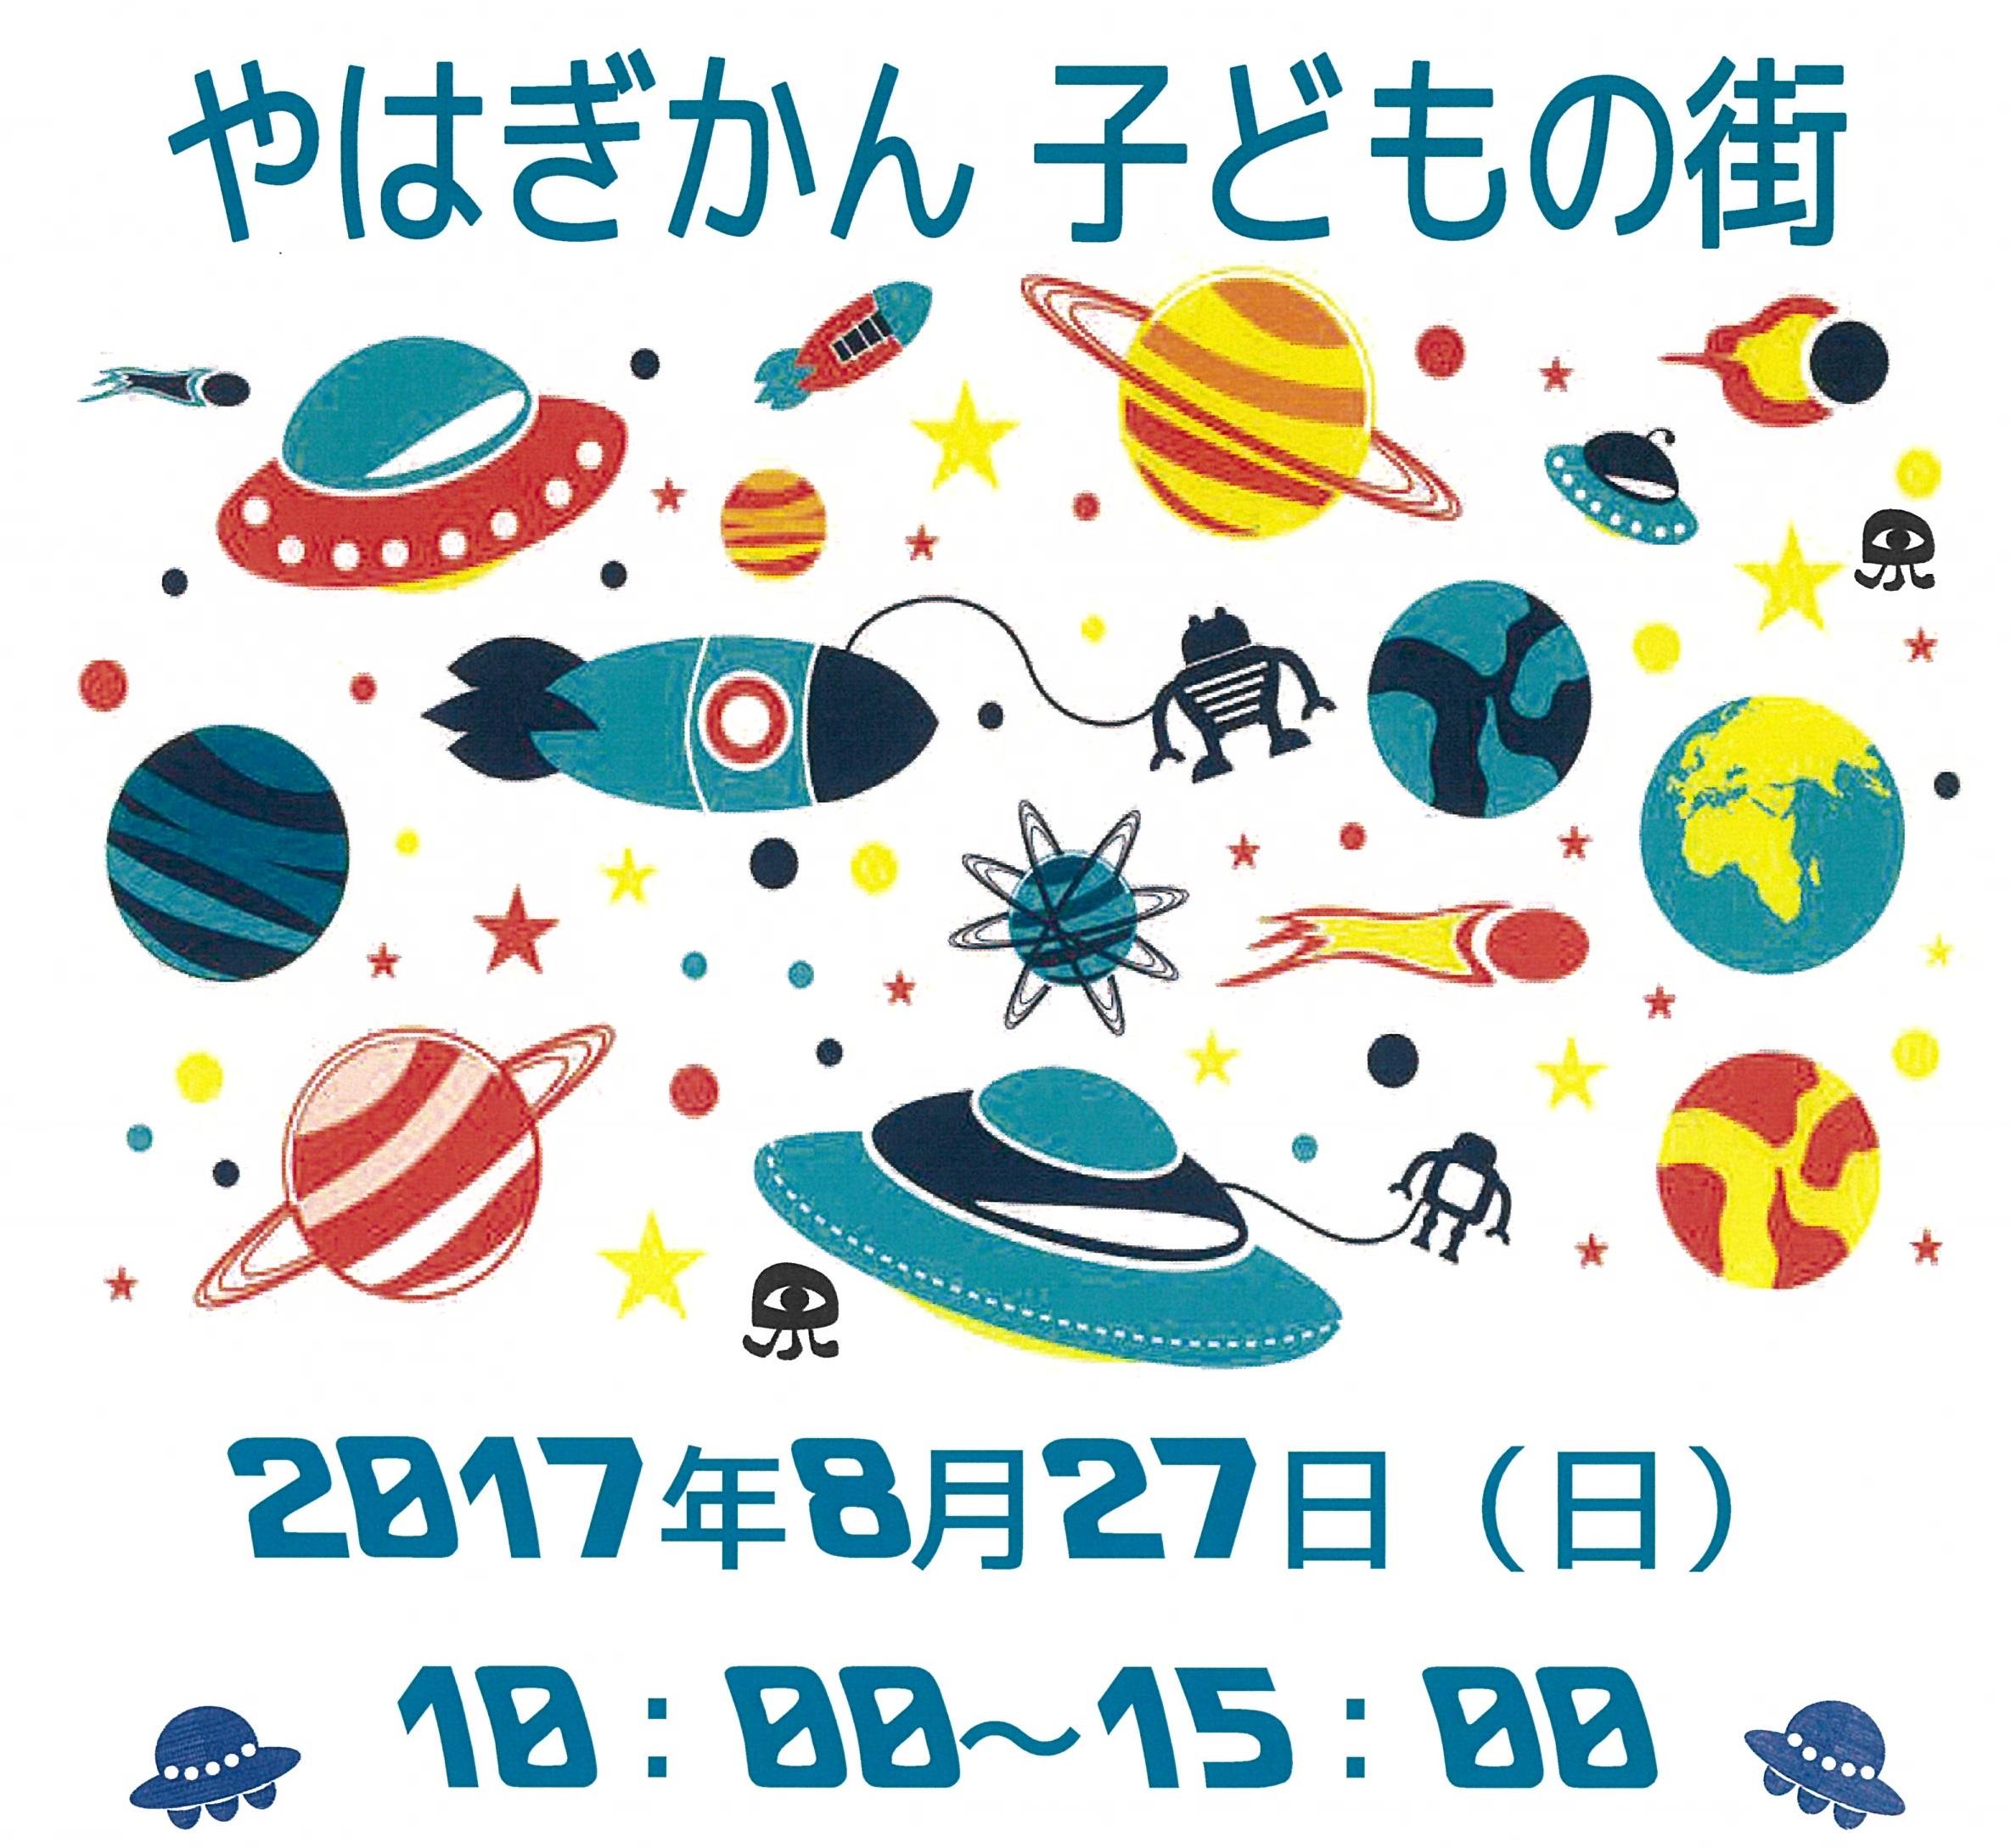 今年のテーマは「宇宙」!やはぎかん子どもの街